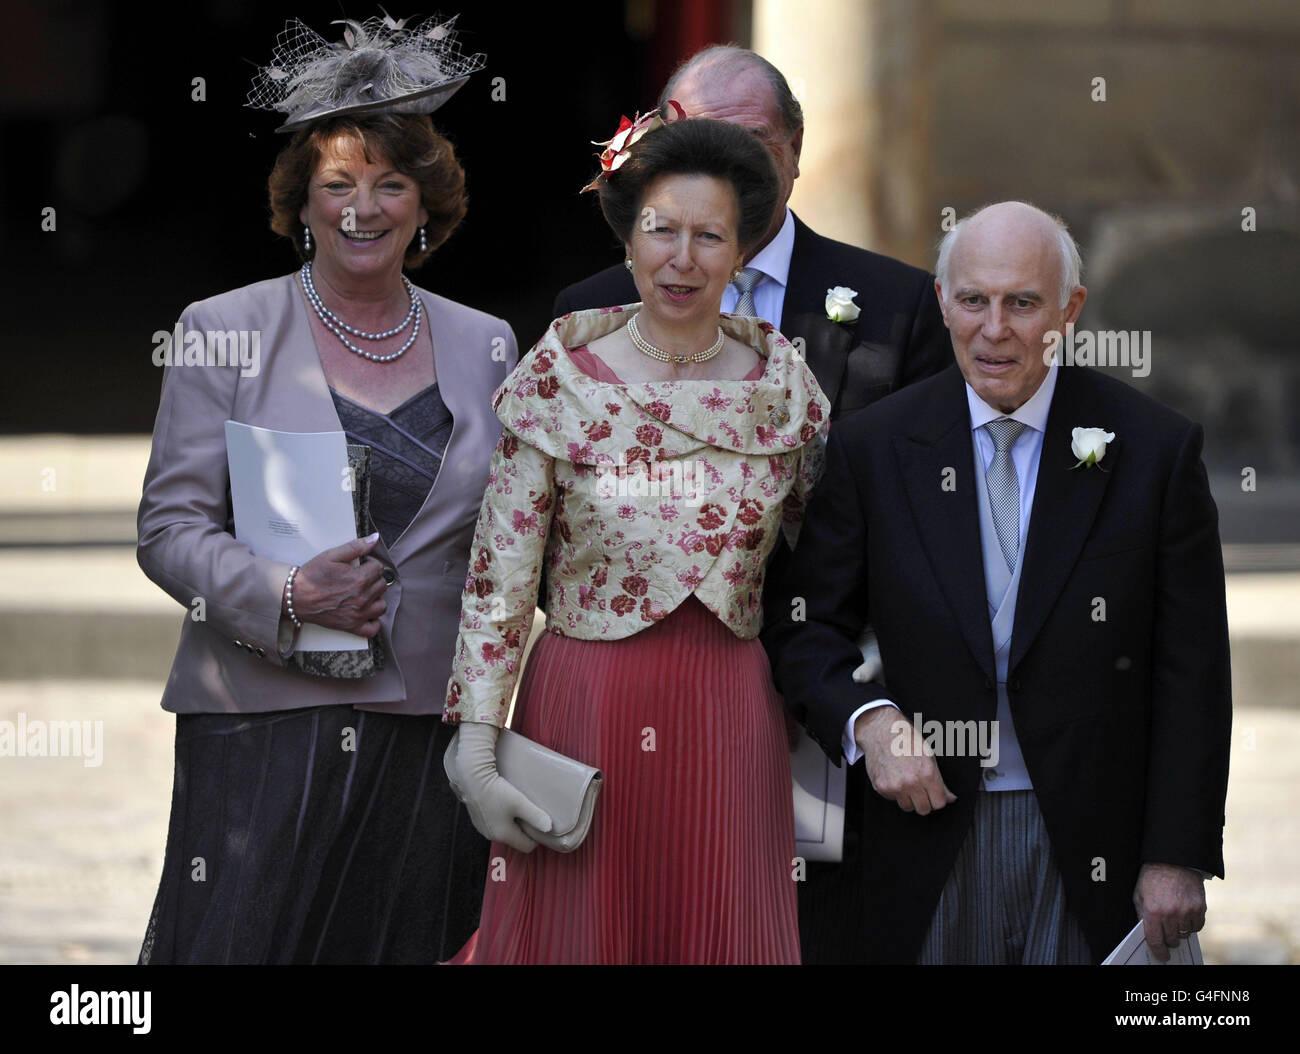 Matrimonio Zara Phillips : Zara phillips e mike tindall matrimonio foto immagine